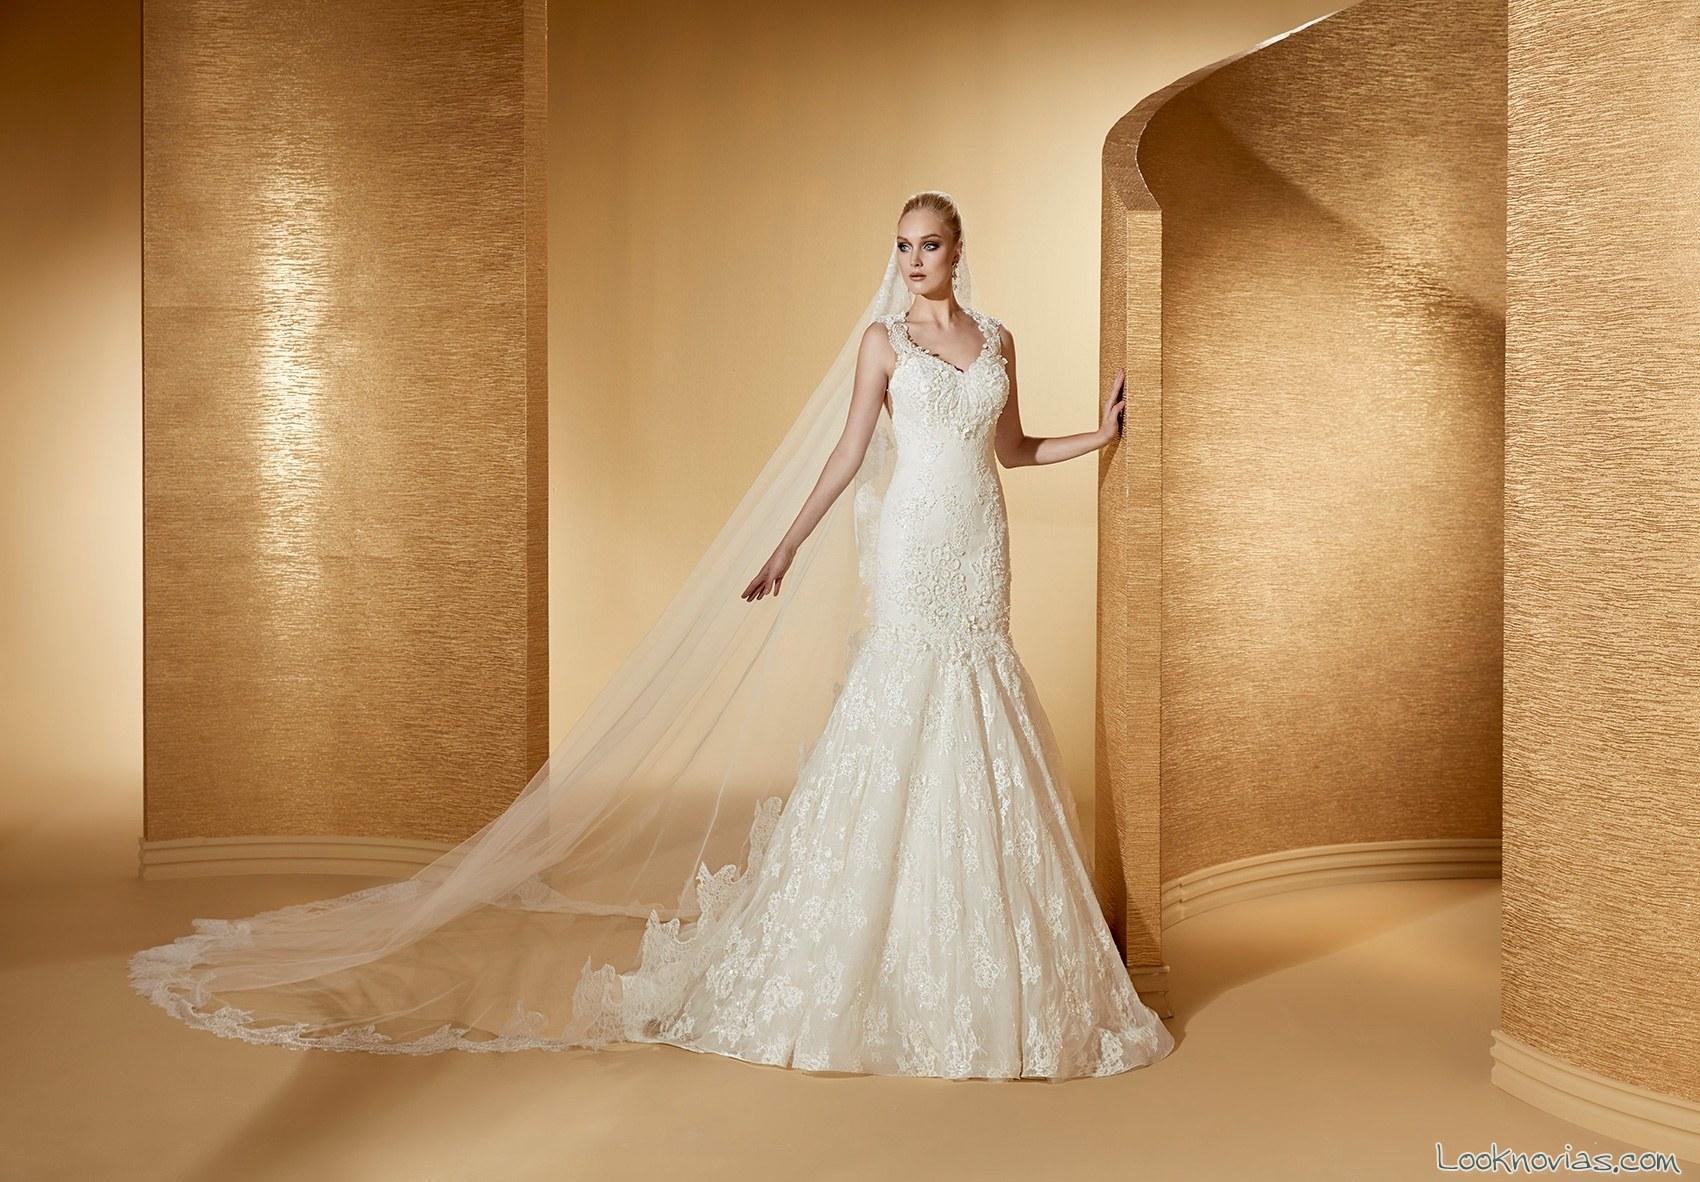 Vestido sirena nicole spose romance color blanco